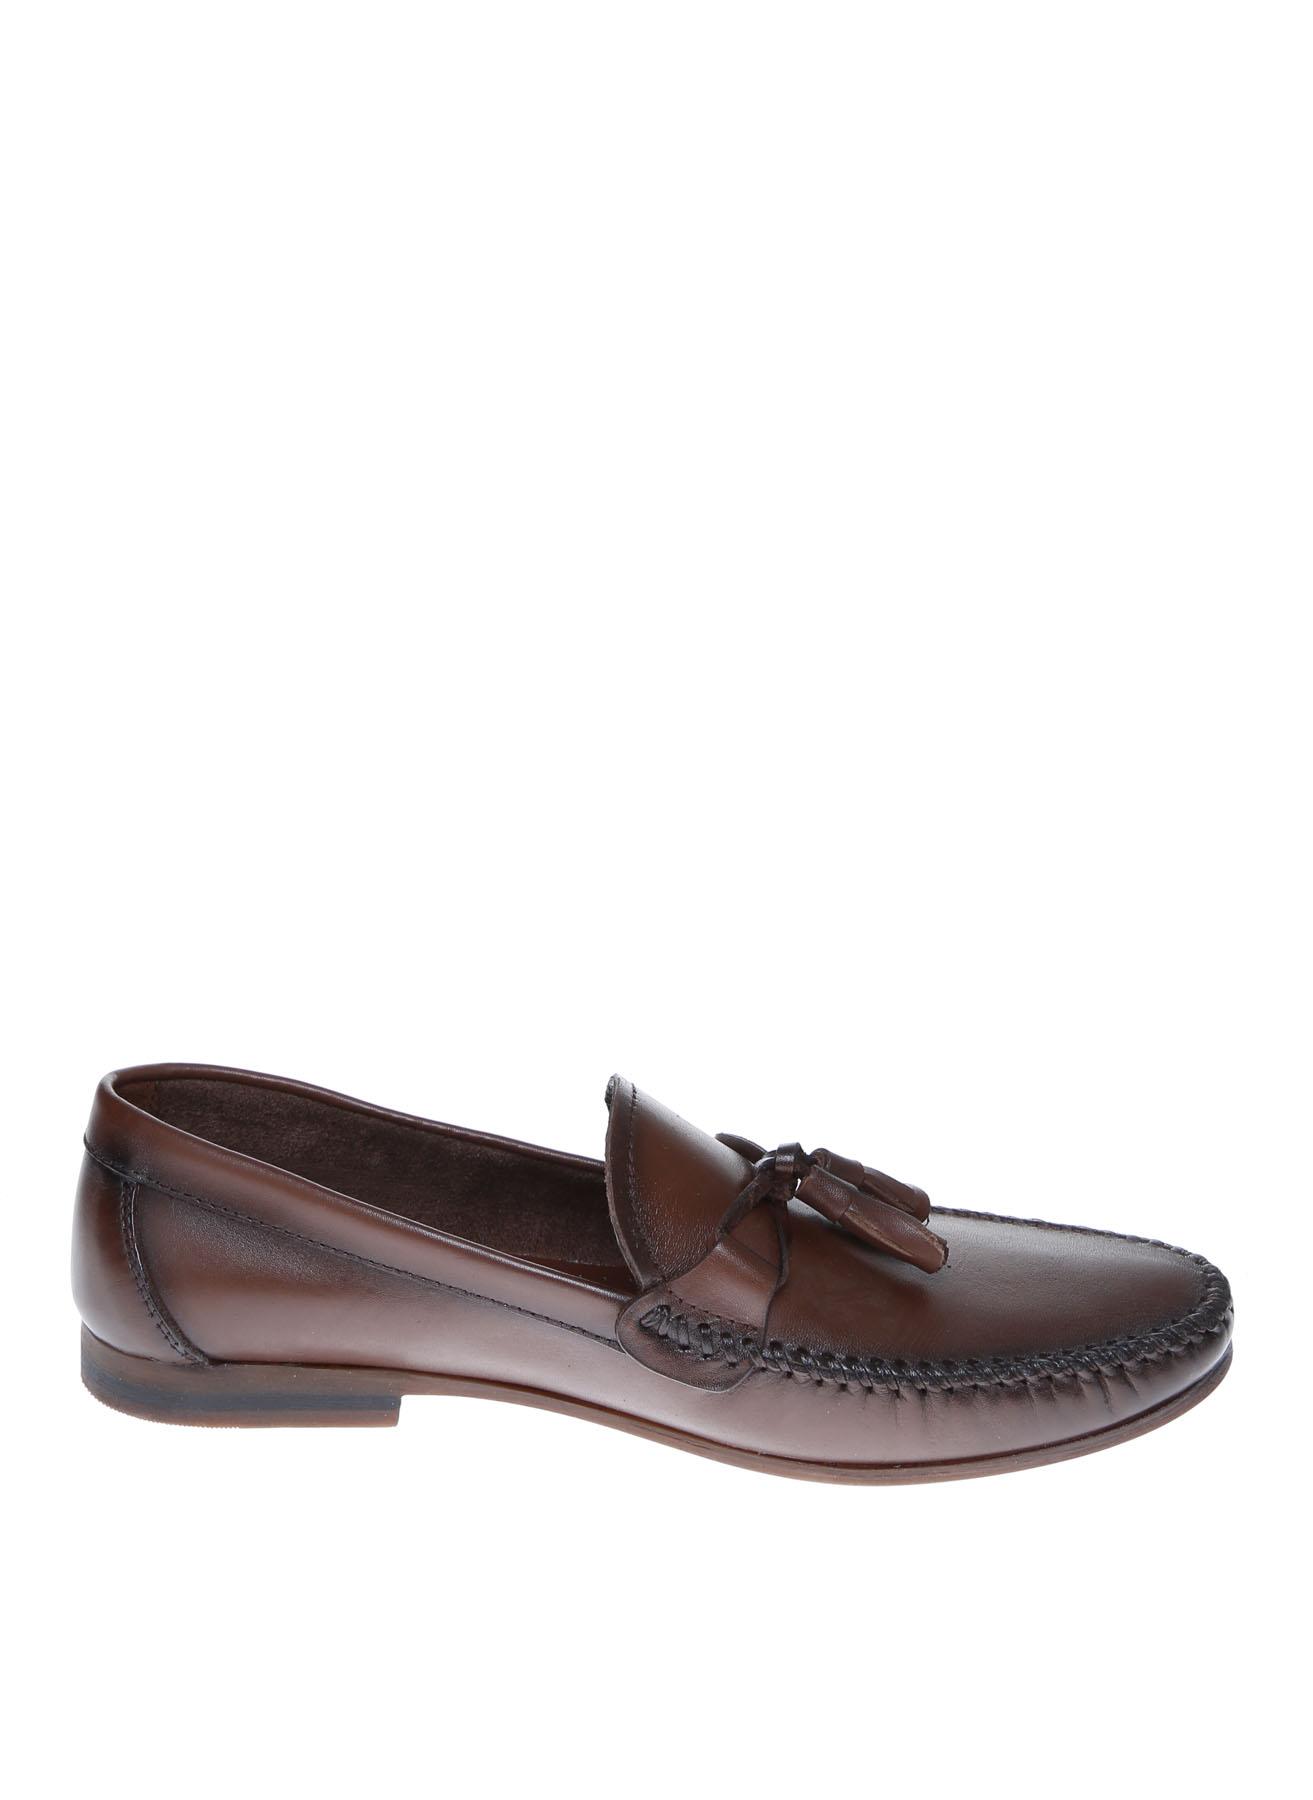 Cotton Bar Erkek Kahverengi Deri Klasik Ayakkabı 42 5001909577003 Ürün Resmi